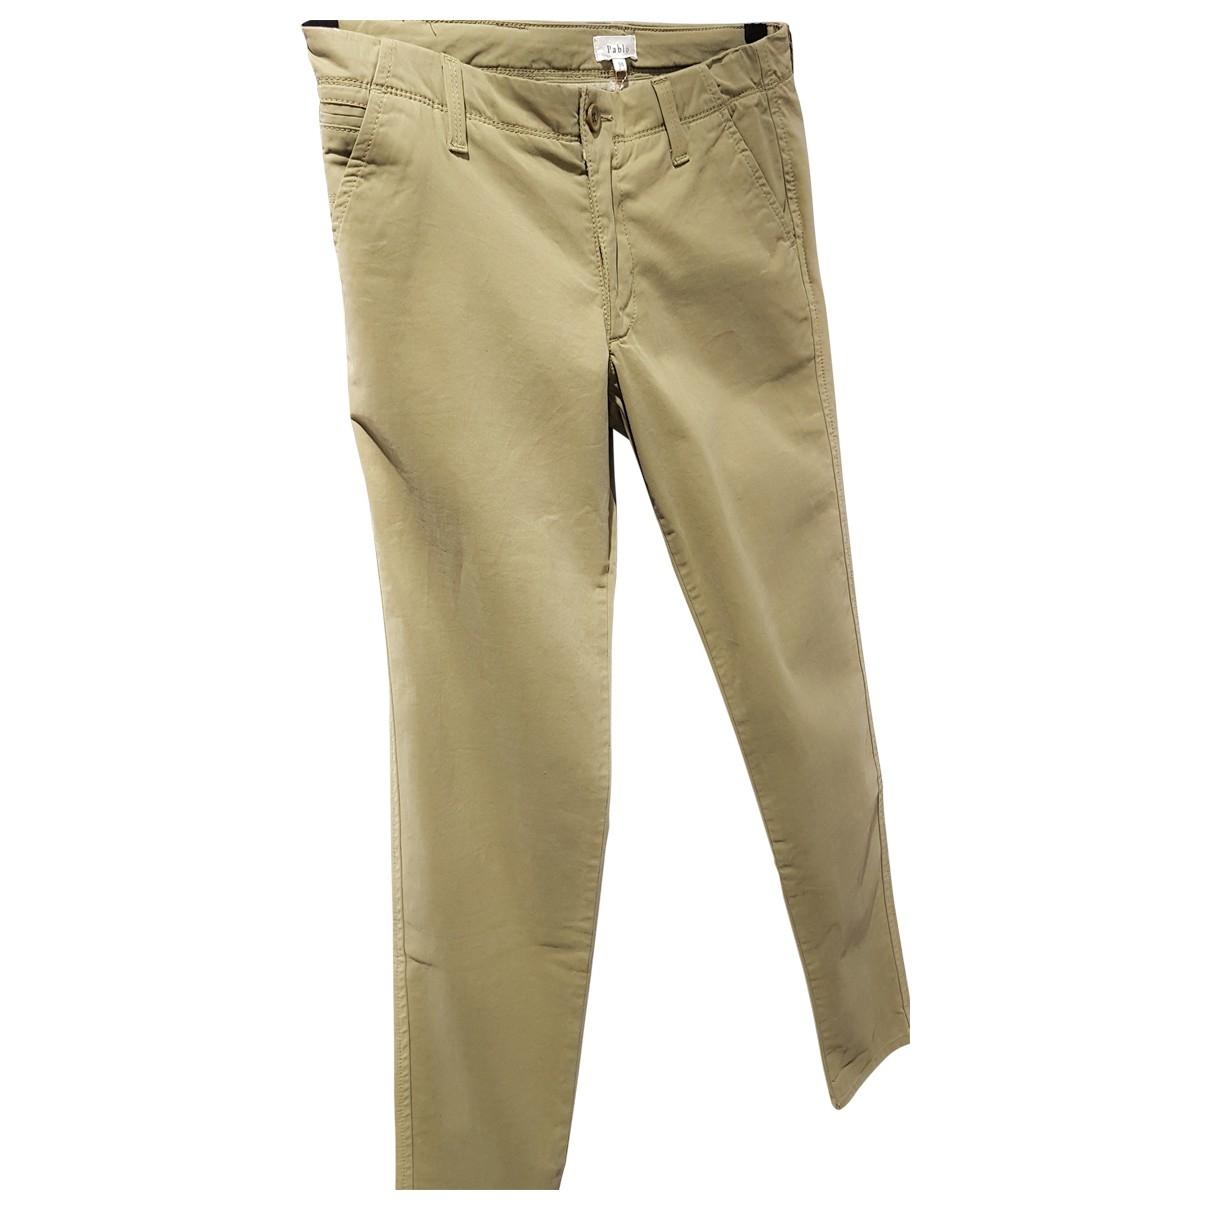 Pantalon en Algodon Verde Pablo